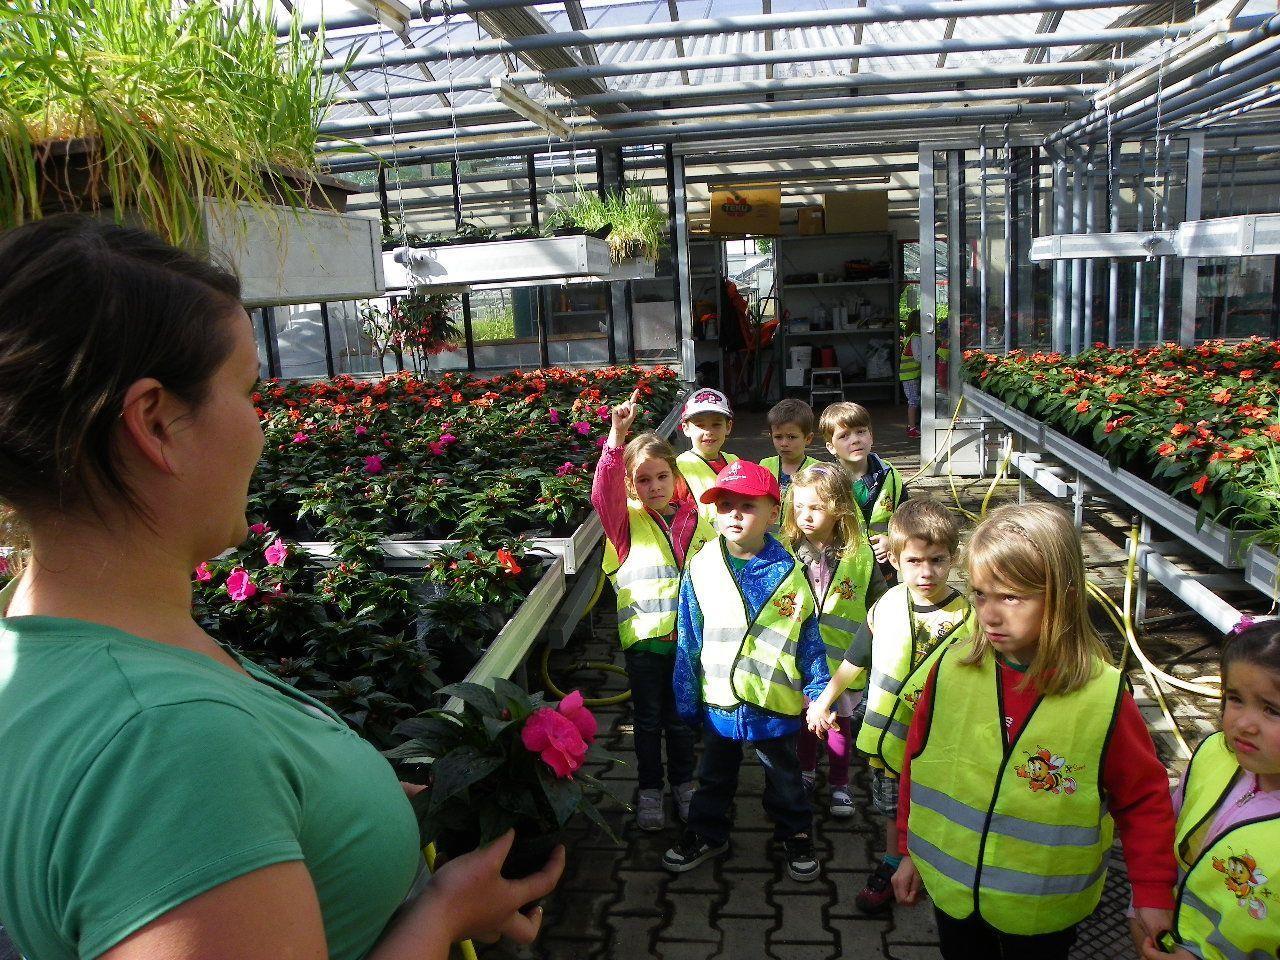 Gärtnerin Silvia erklärten den Kleinen die Arbeit in den Glashäusern